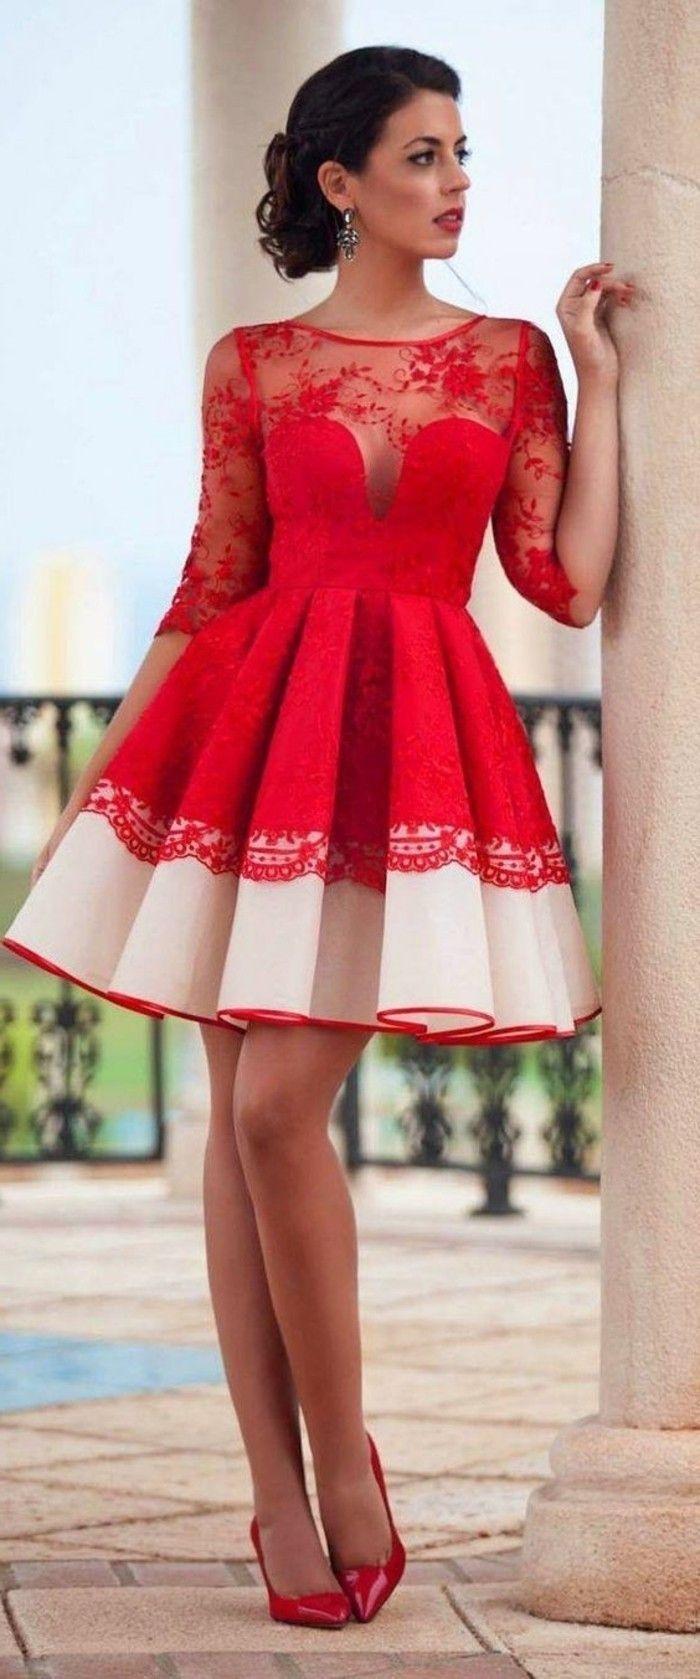 10 Luxurius Kleid Rot Festlich StylishDesigner Top Kleid Rot Festlich Design